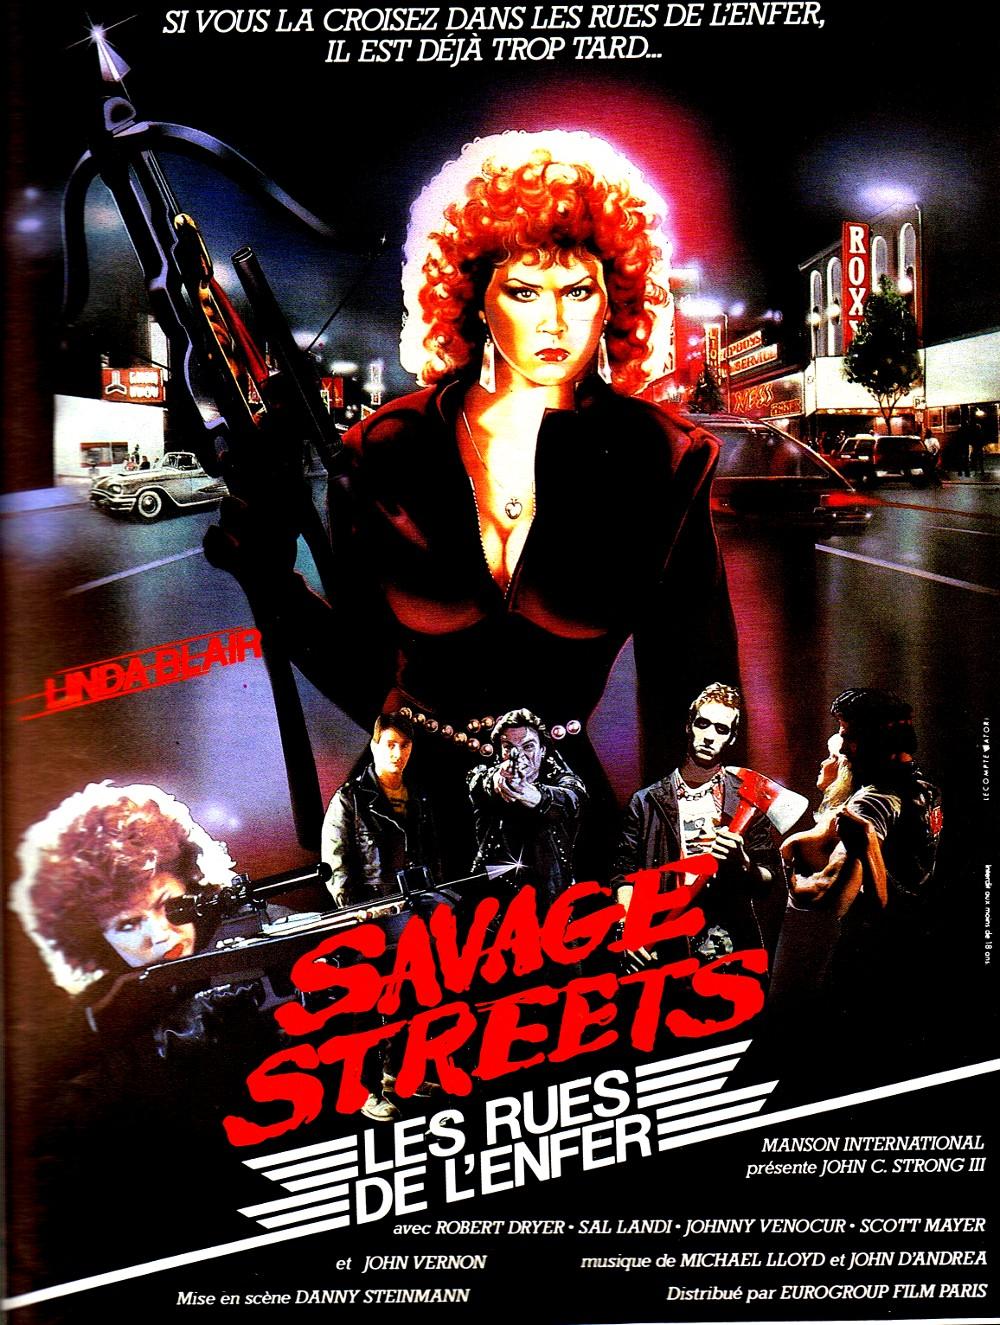 Linda Blair Savage Island Savage streets  les rues de l Linda Blair Savage Island